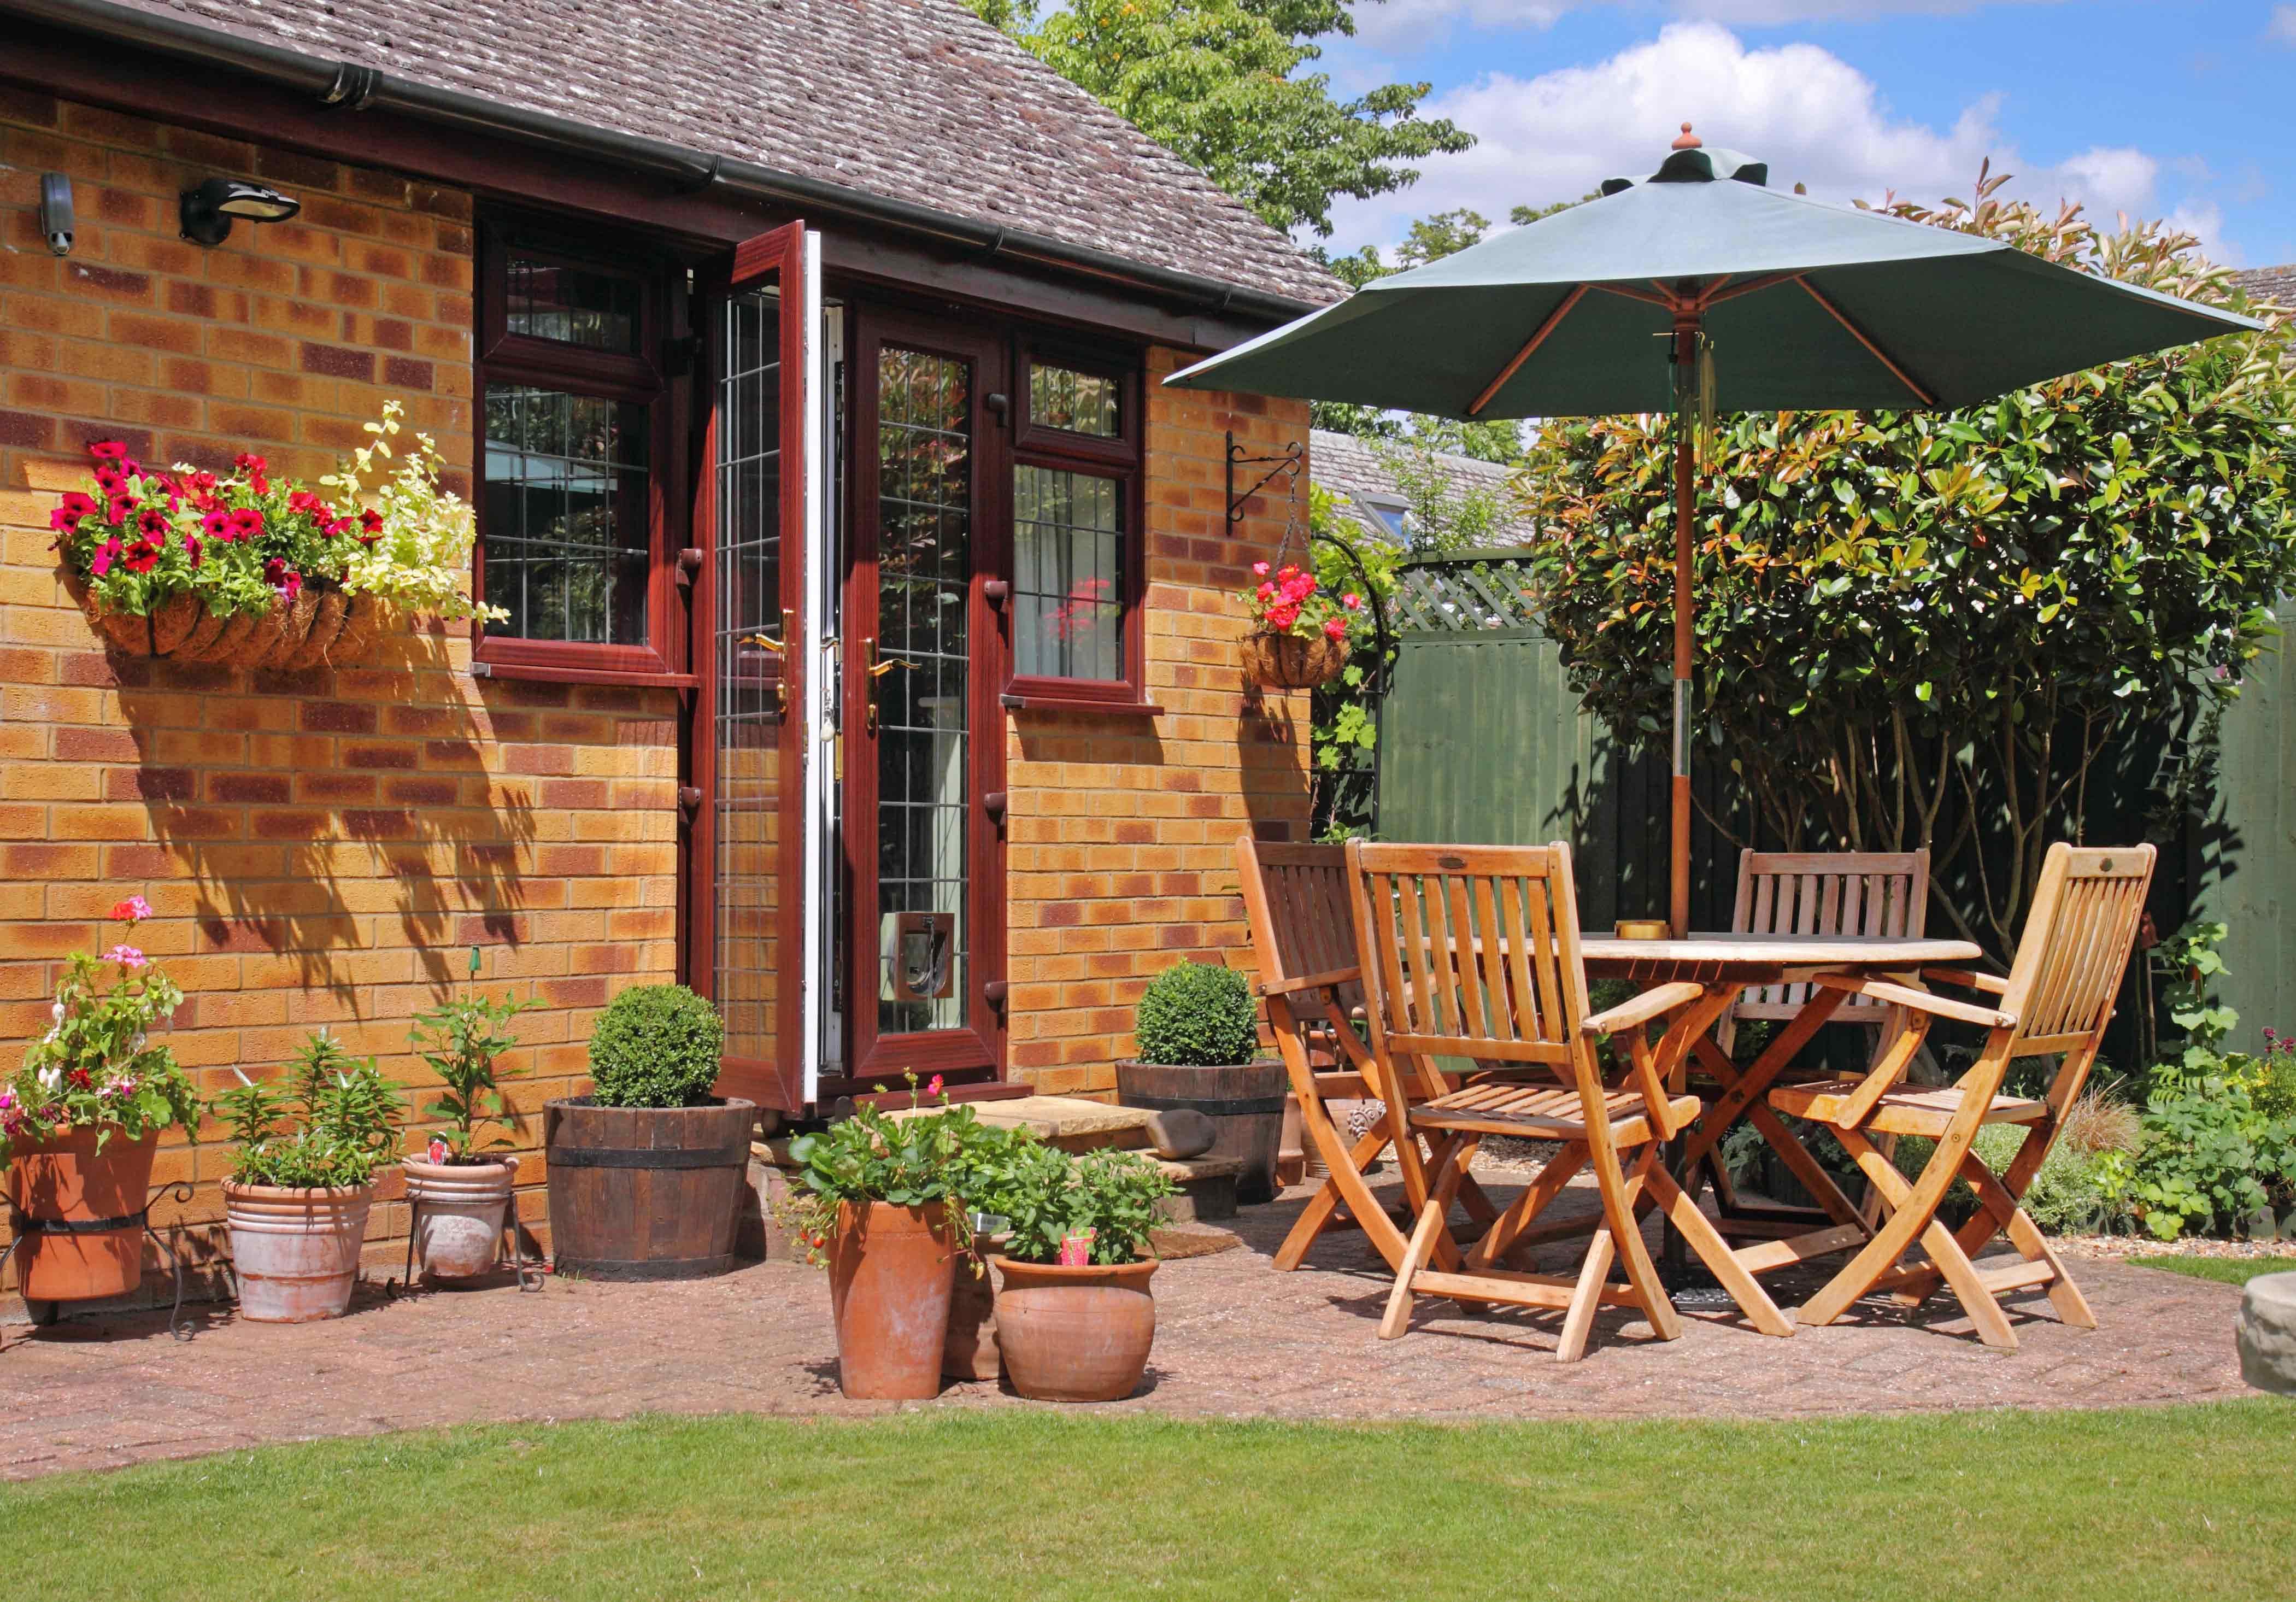 Pressure washer clean garden furniture